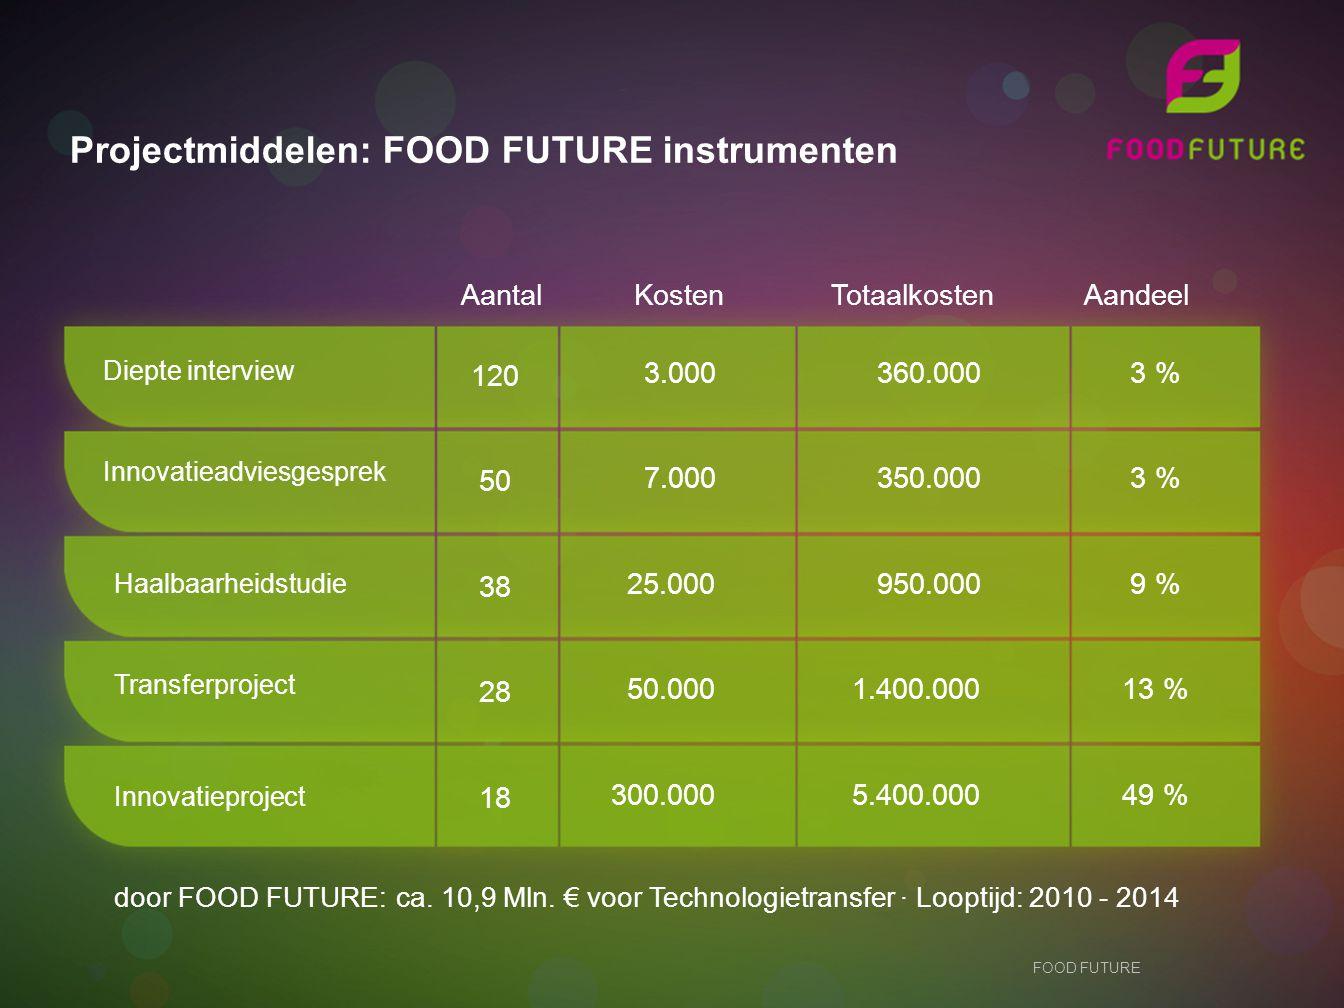 Projectmiddelen: FOOD FUTURE instrumenten Diepte interview 120 50 38 28 18 3.000 7.000 25.000 50.000 300.000 360.000 350.000 950.000 1.400.000 5.400.0